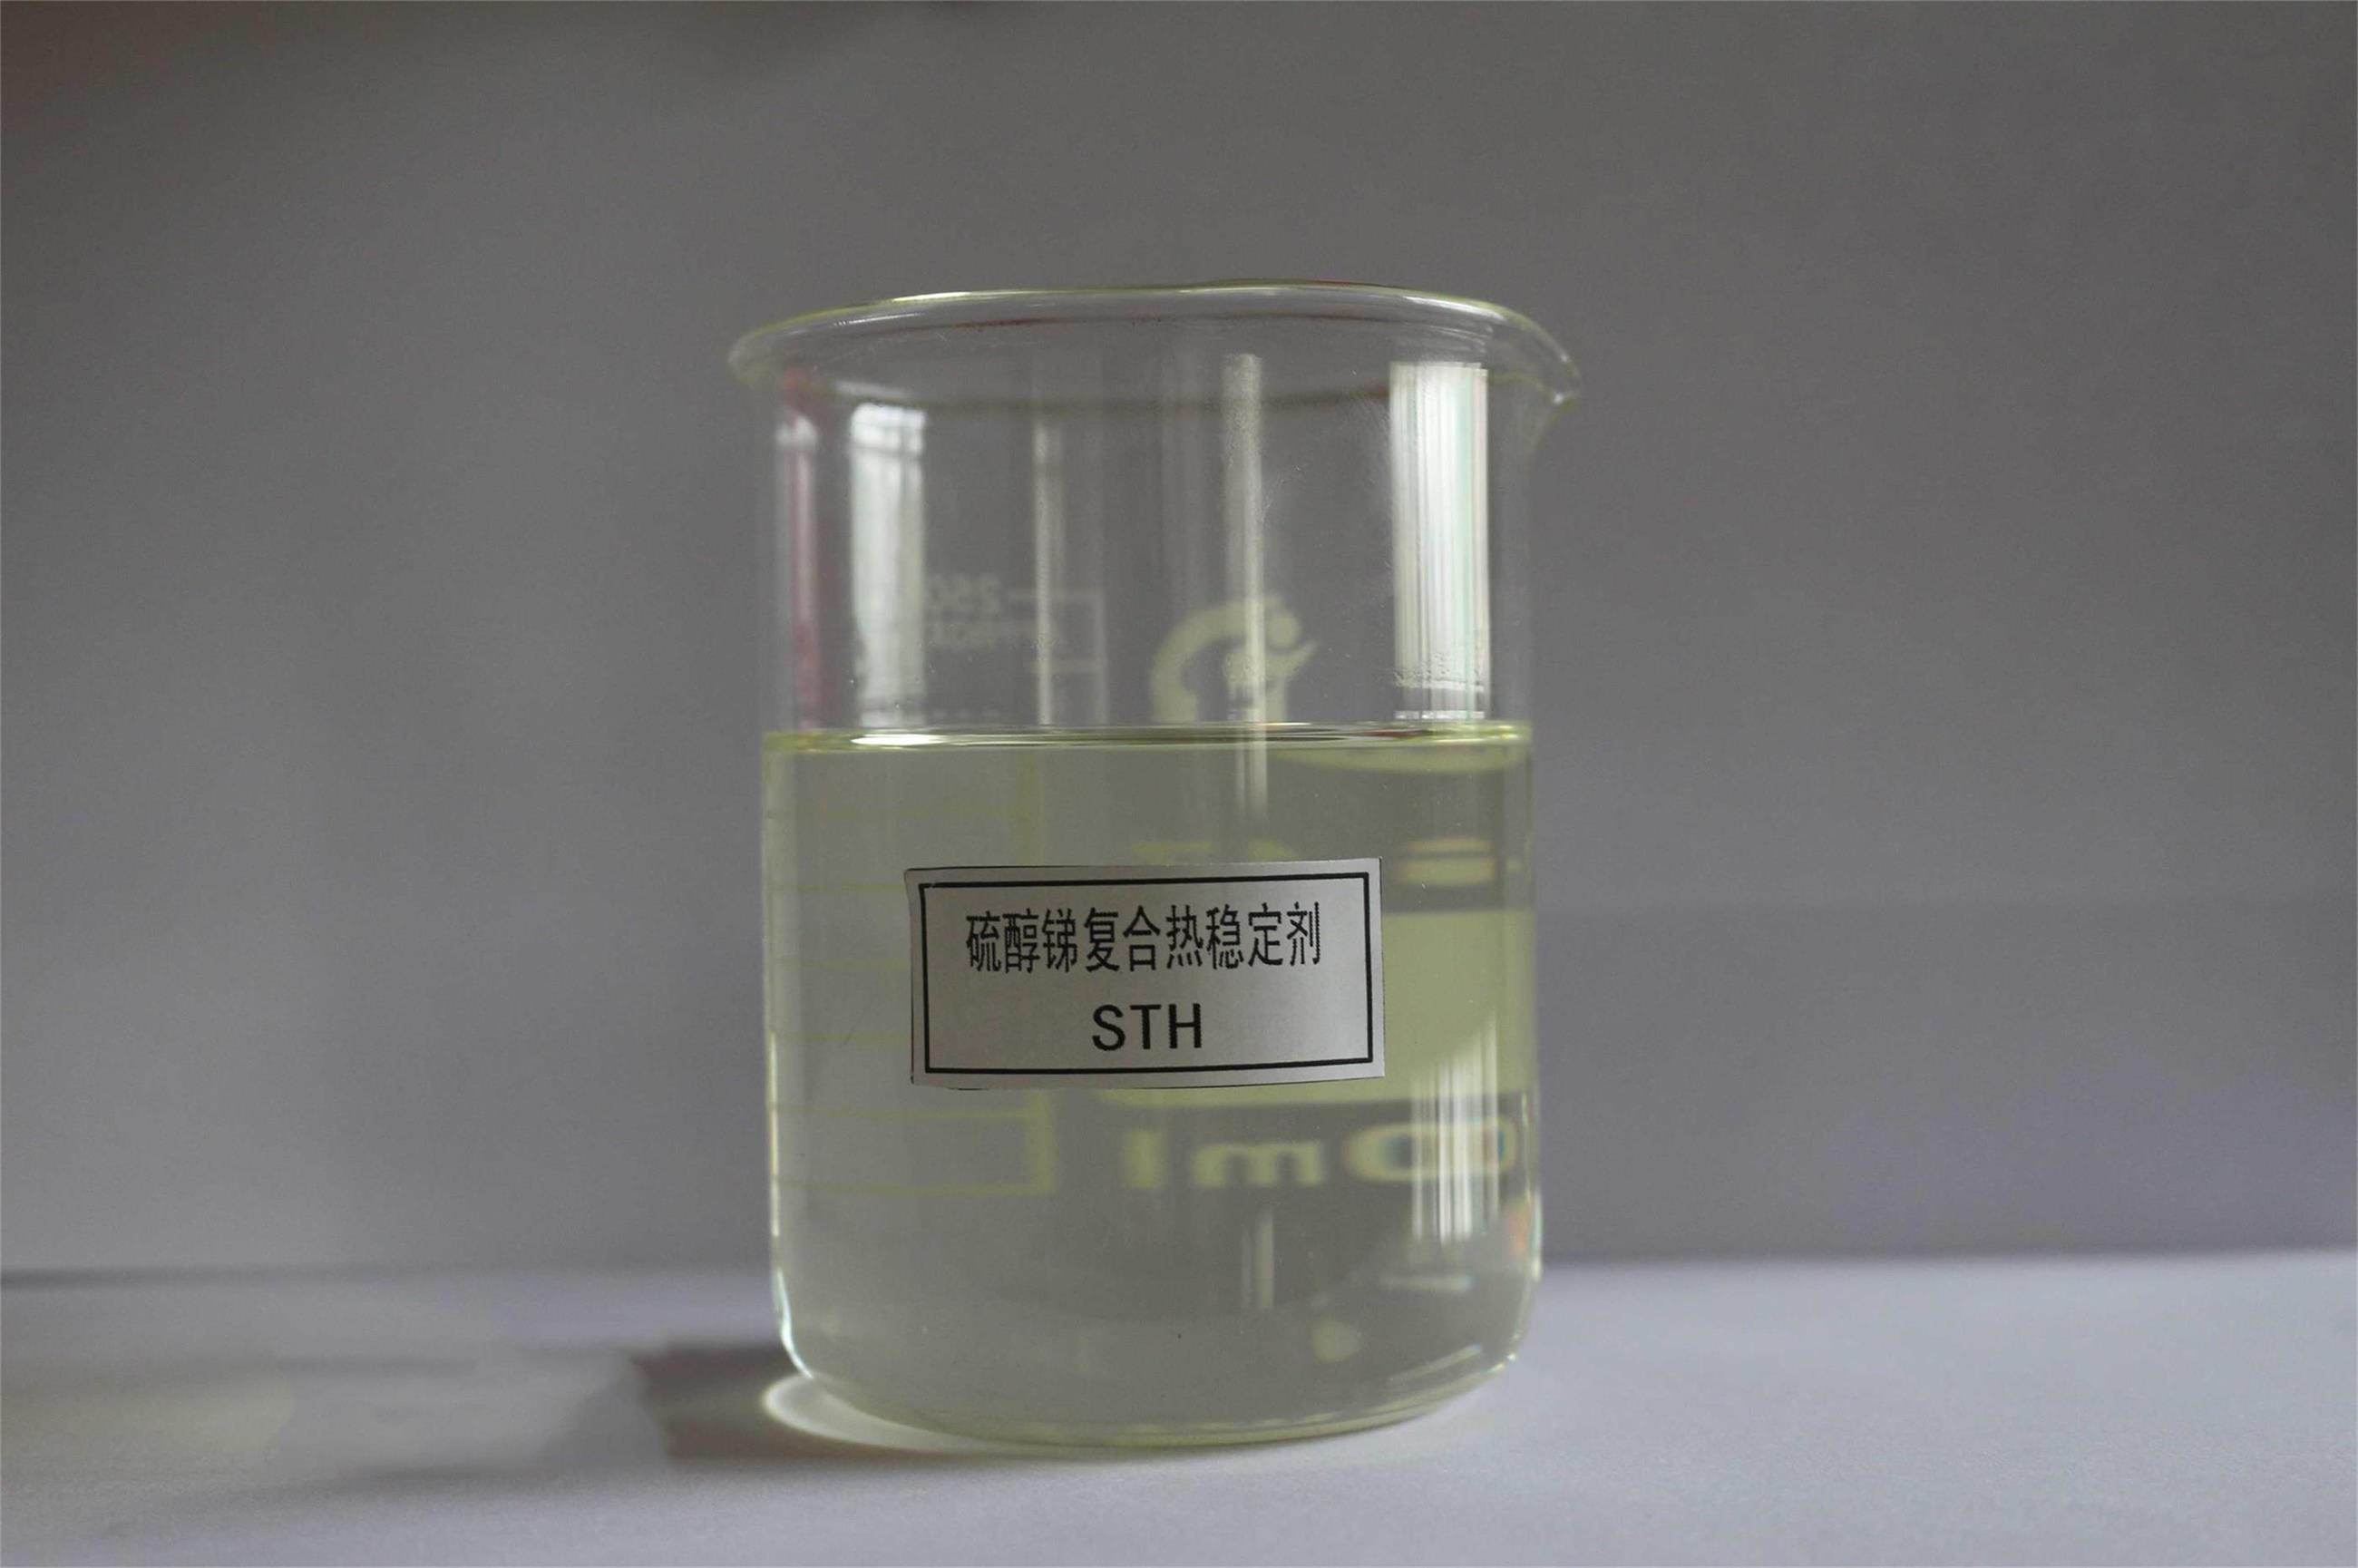 环保稳定剂 信誉好的硫醇锑STH厂家推荐